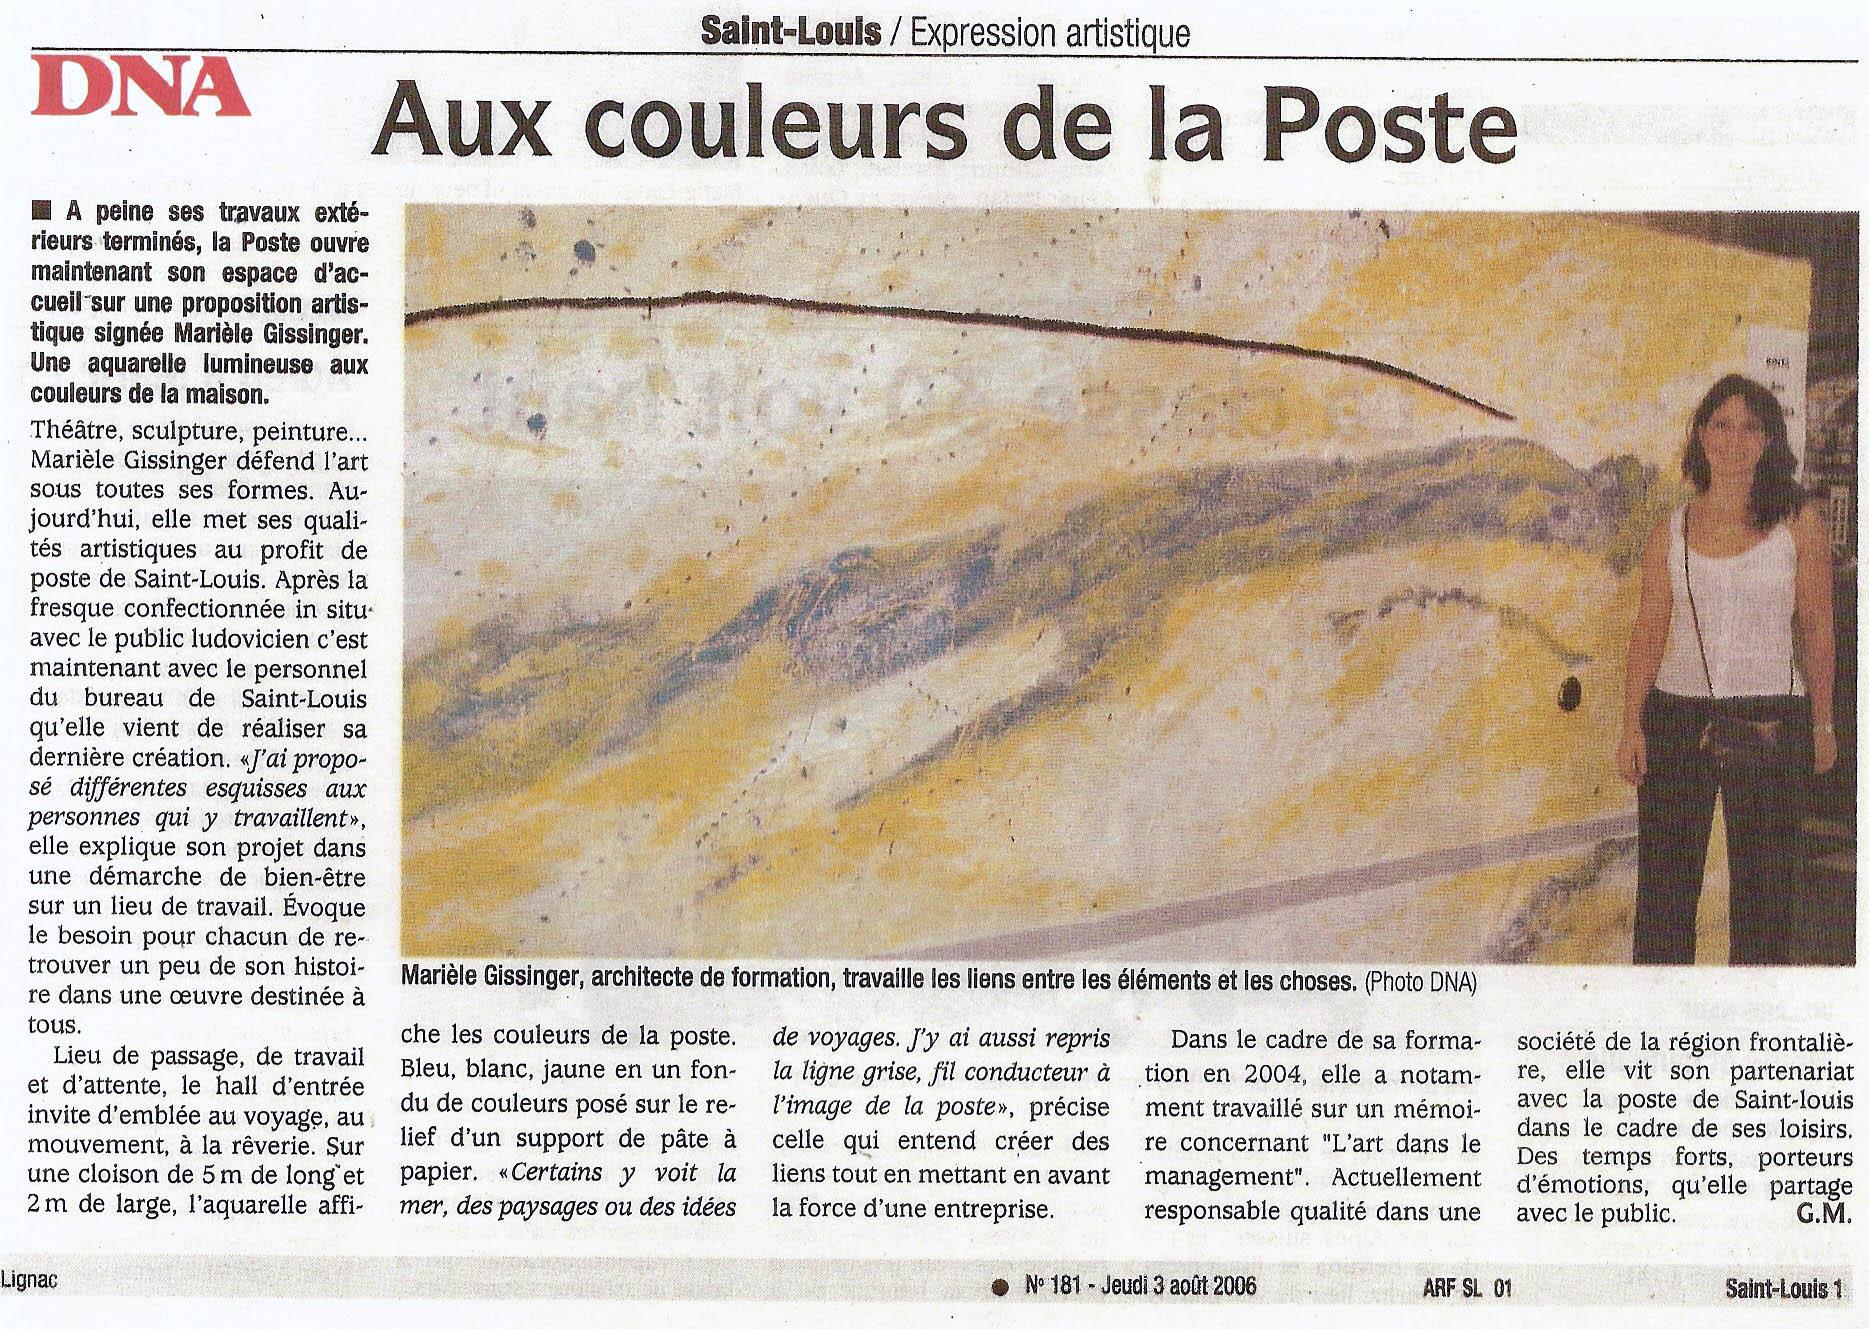 Art et entreprise- logo – toile – Peindre lieux de travail - Gissinger-Mariele-Peinture-huile-Peinte-Artiste-Art-gm-Alsace-France